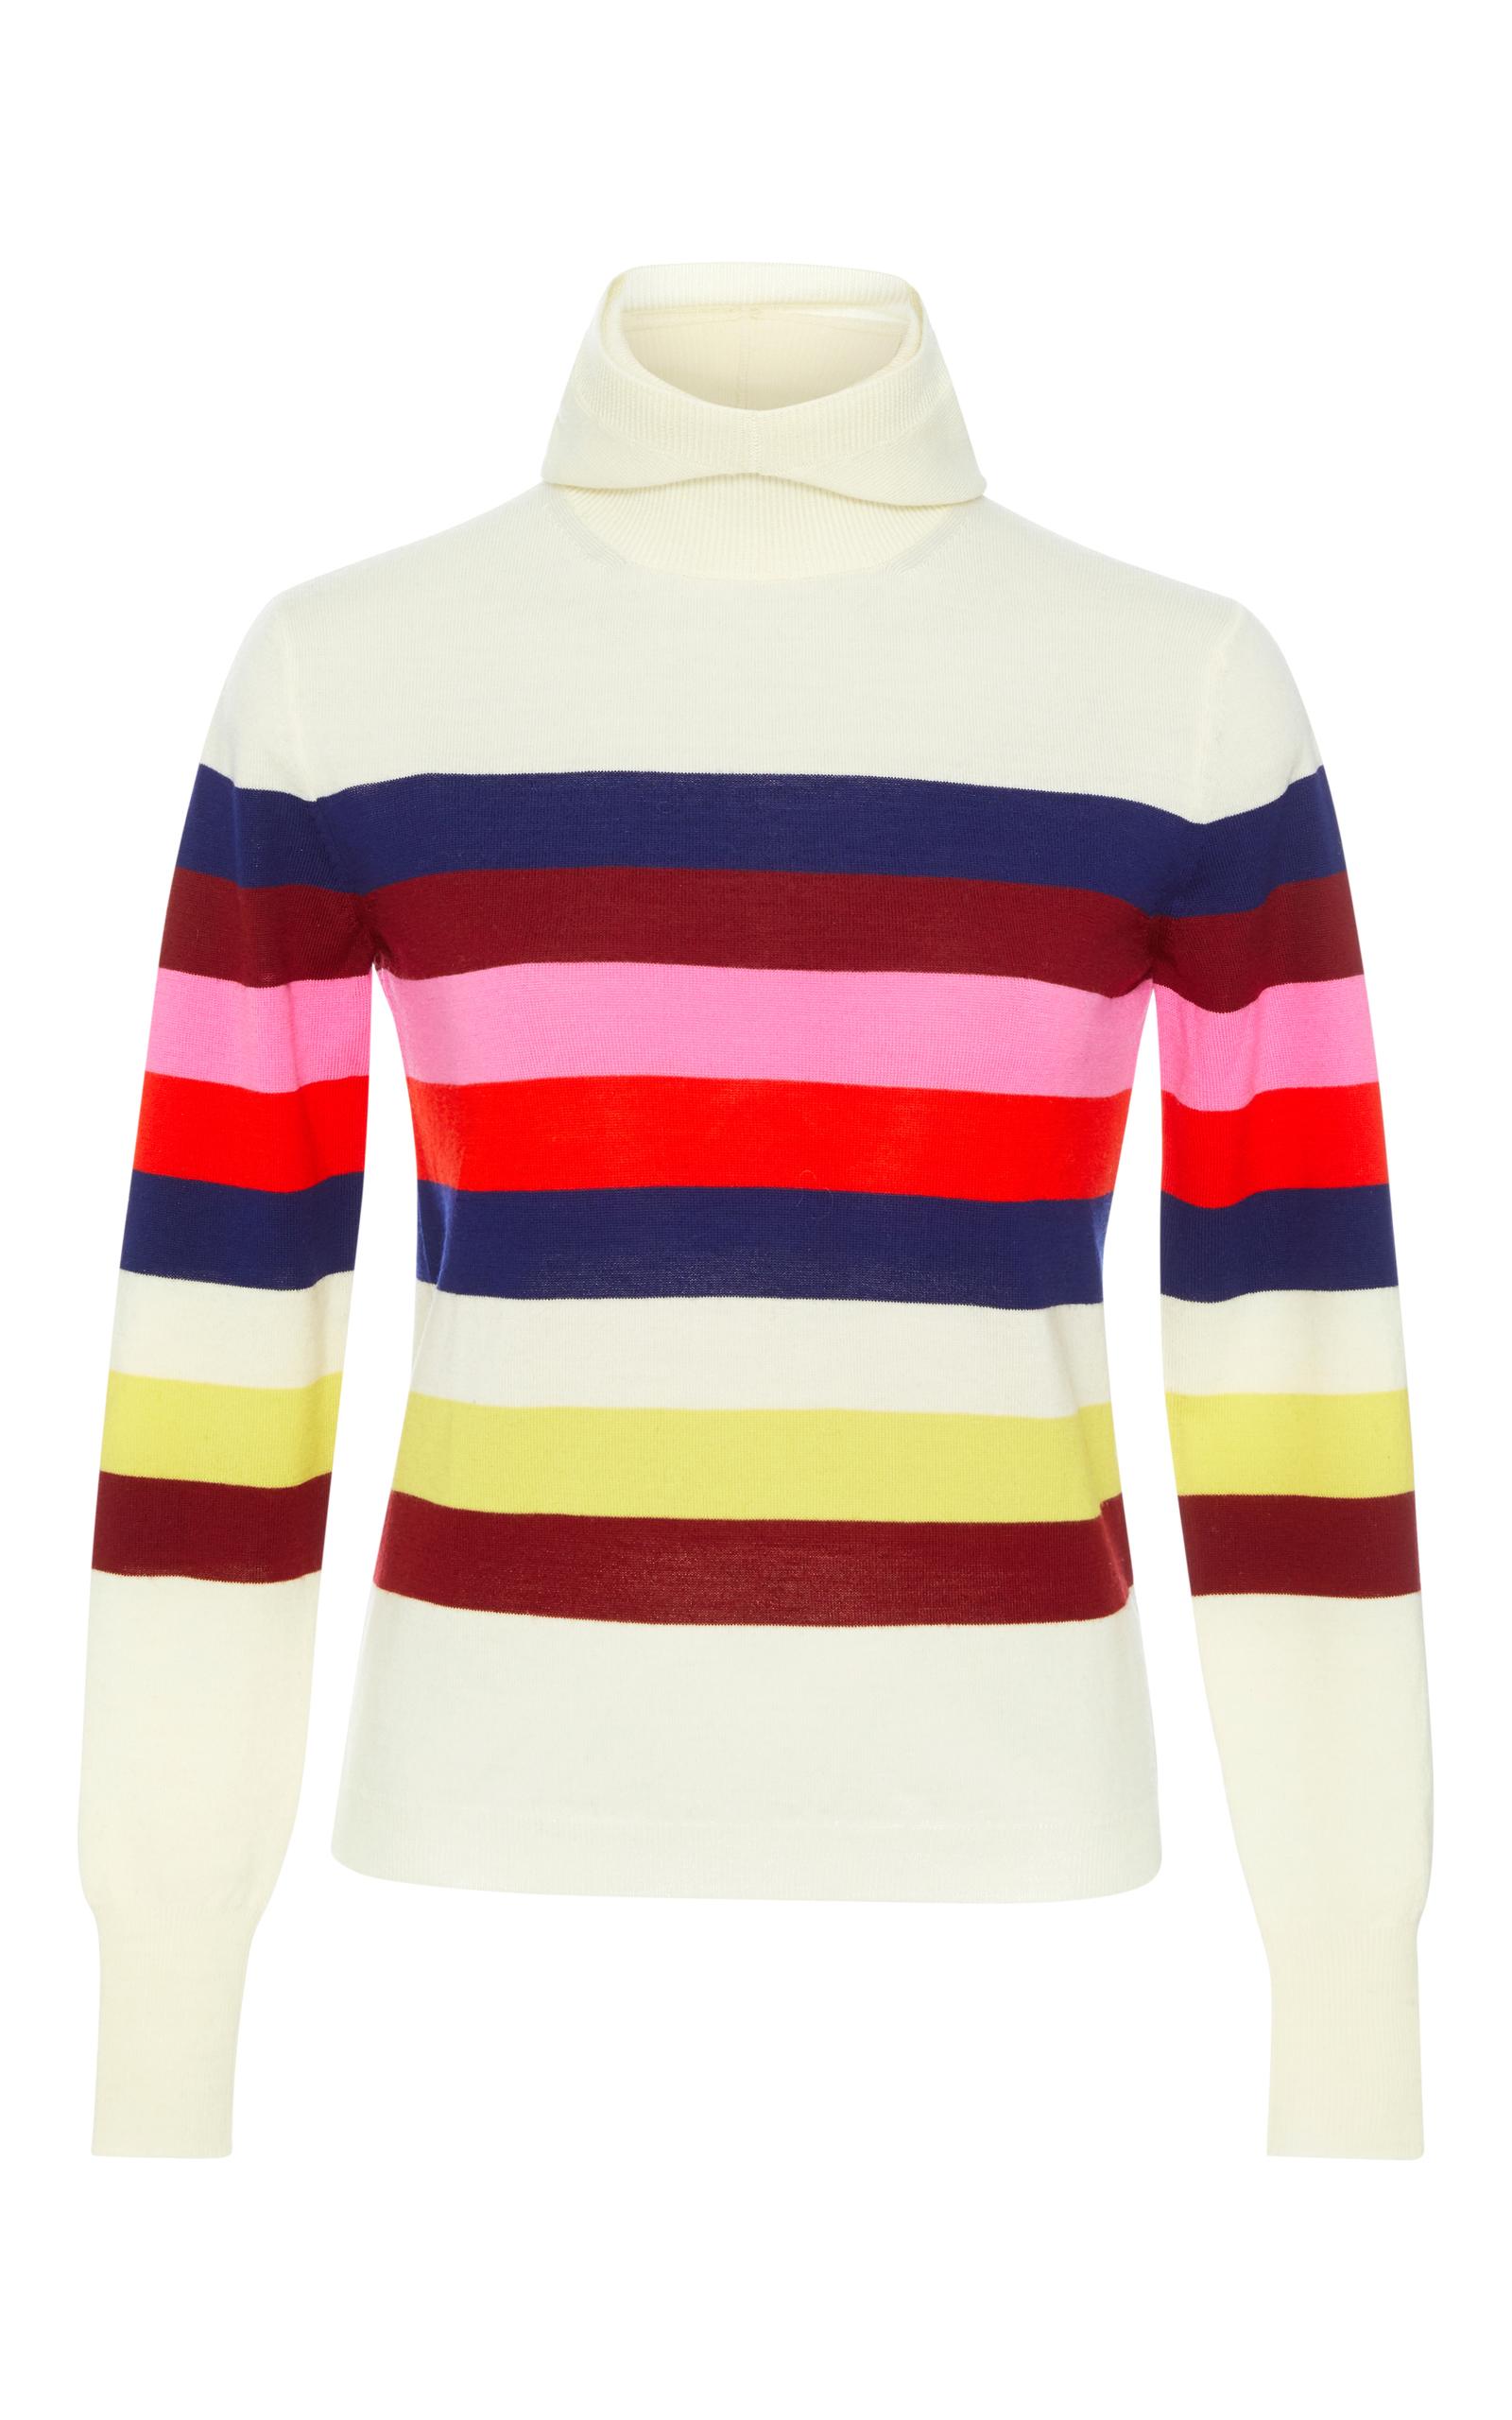 Striped Sweater by DELPOZO | Moda Operandi